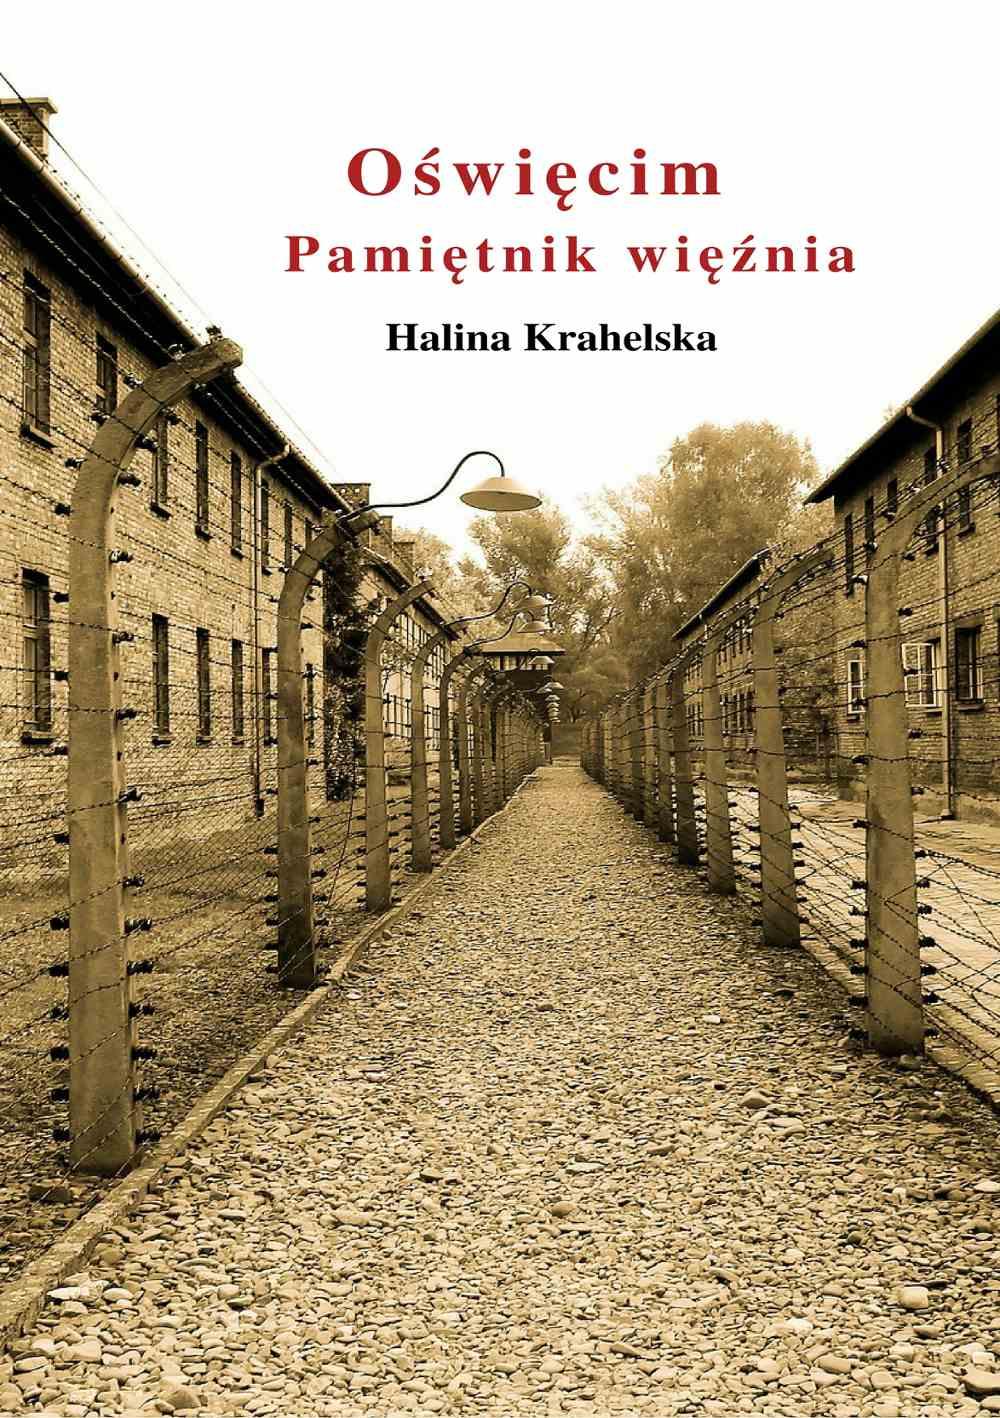 Oświęcim. Pamiętnik więźnia - Ebook (Książka na Kindle) do pobrania w formacie MOBI